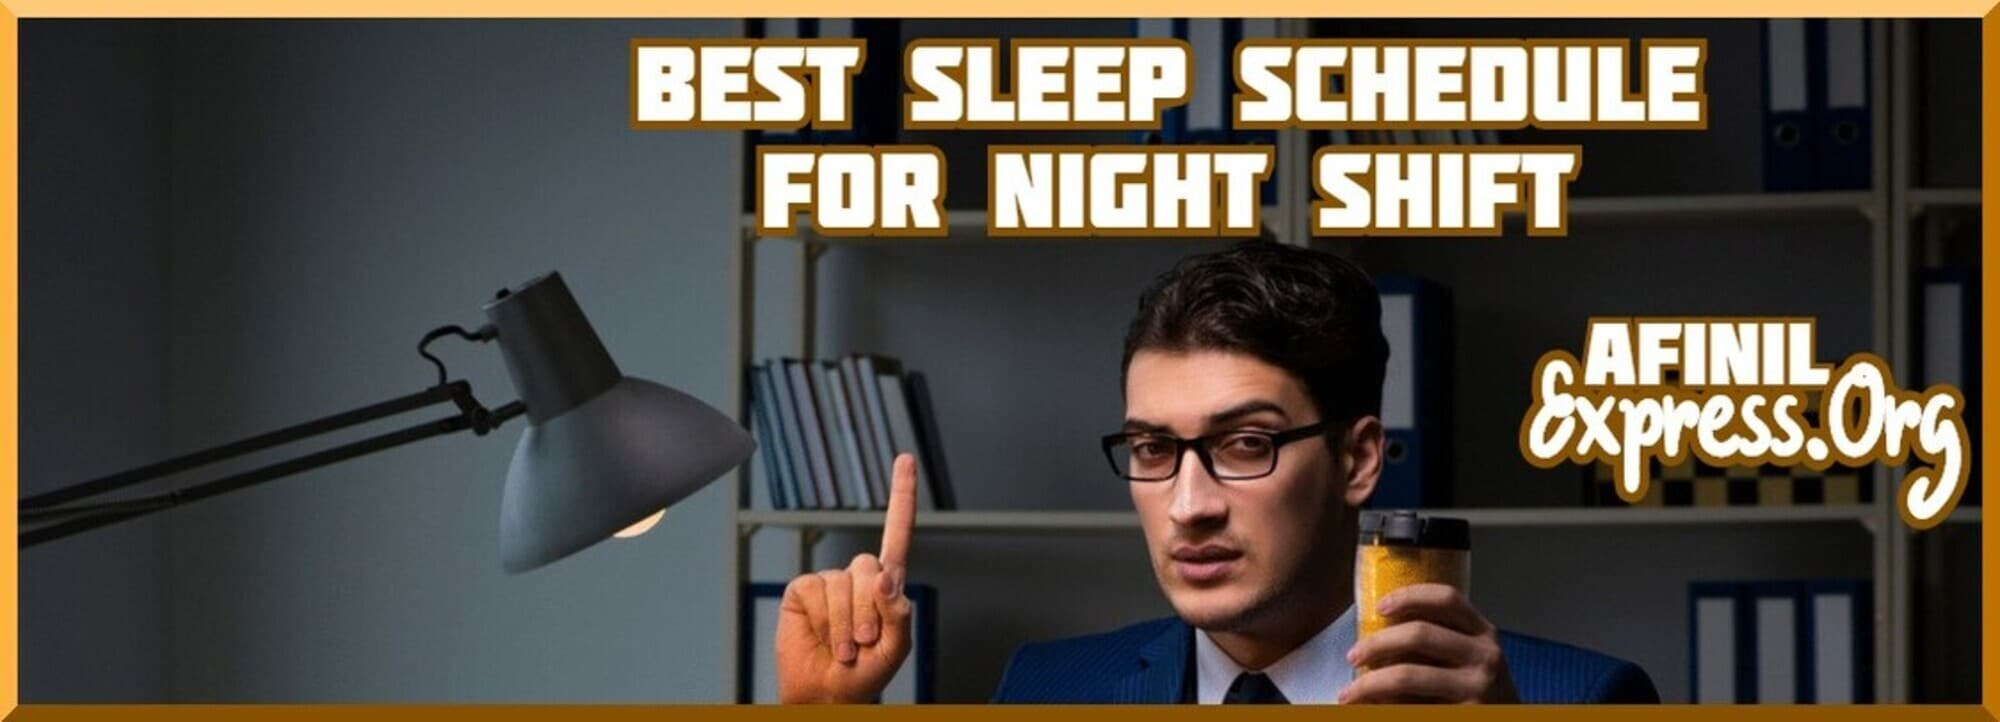 Best Sleep Schedule For Night Shift